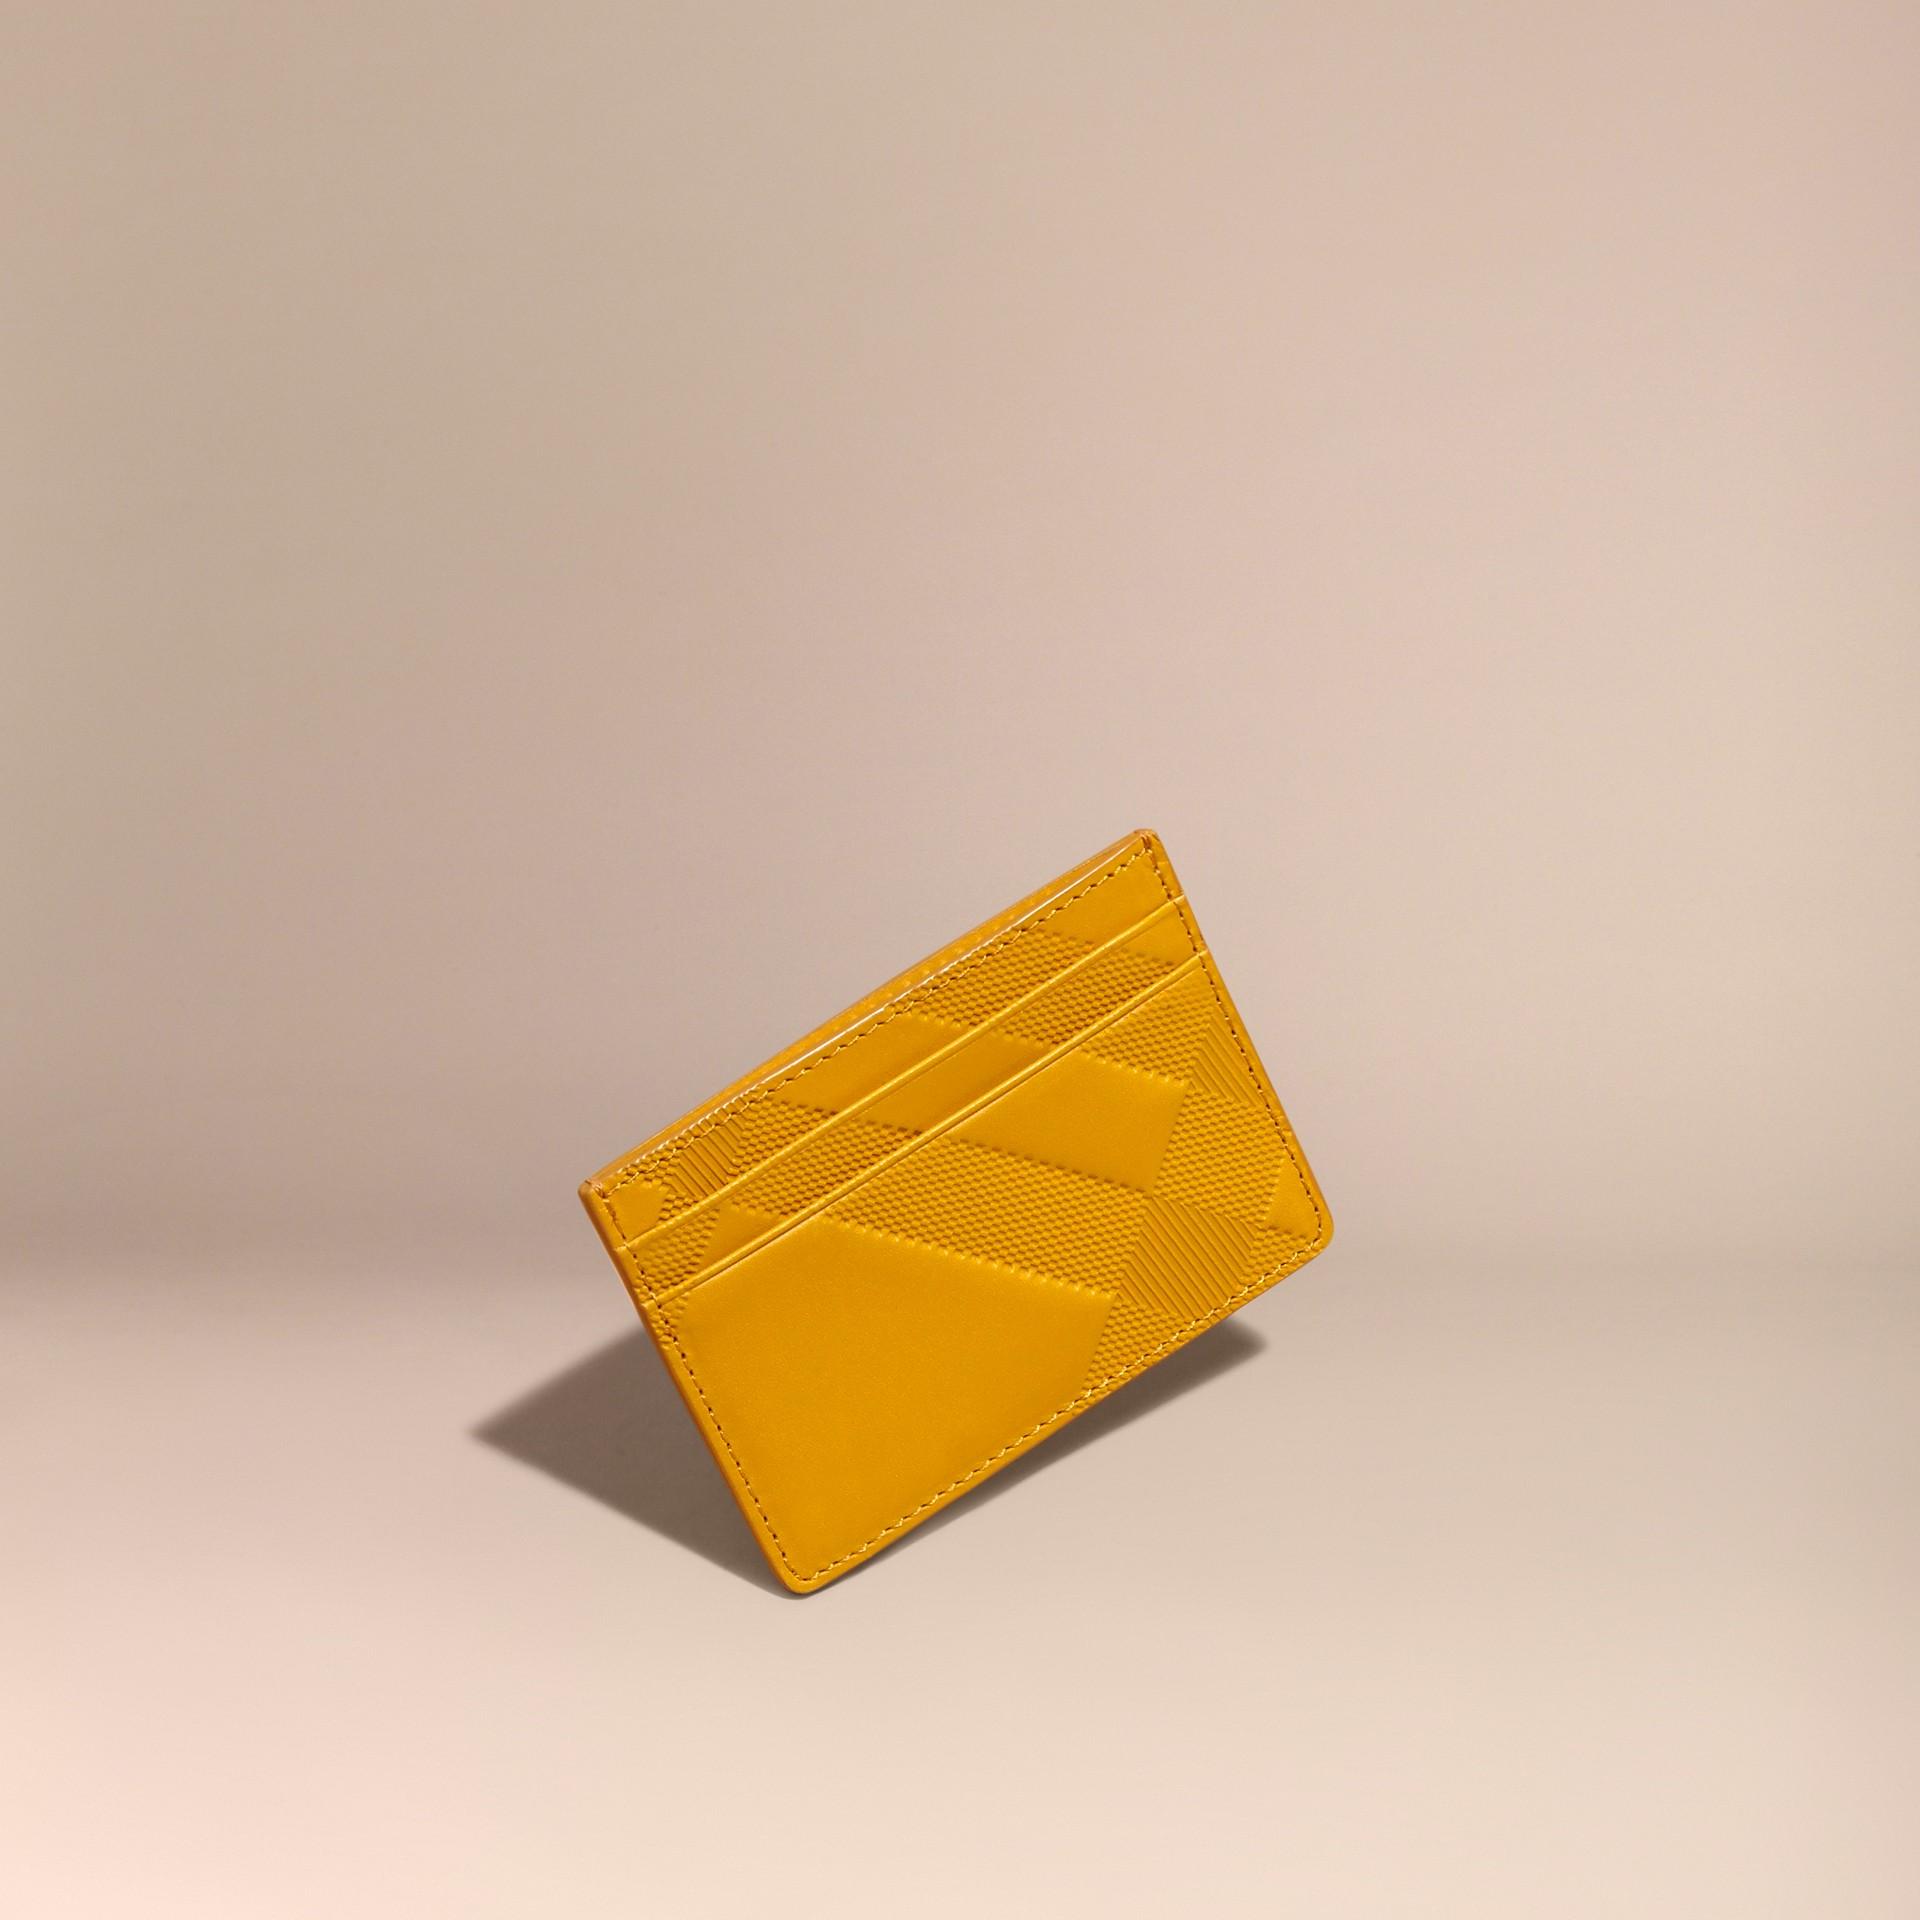 アンバーイエロー チェックエンボストレザー カードケース アンバーイエロー - ギャラリーイメージ 1